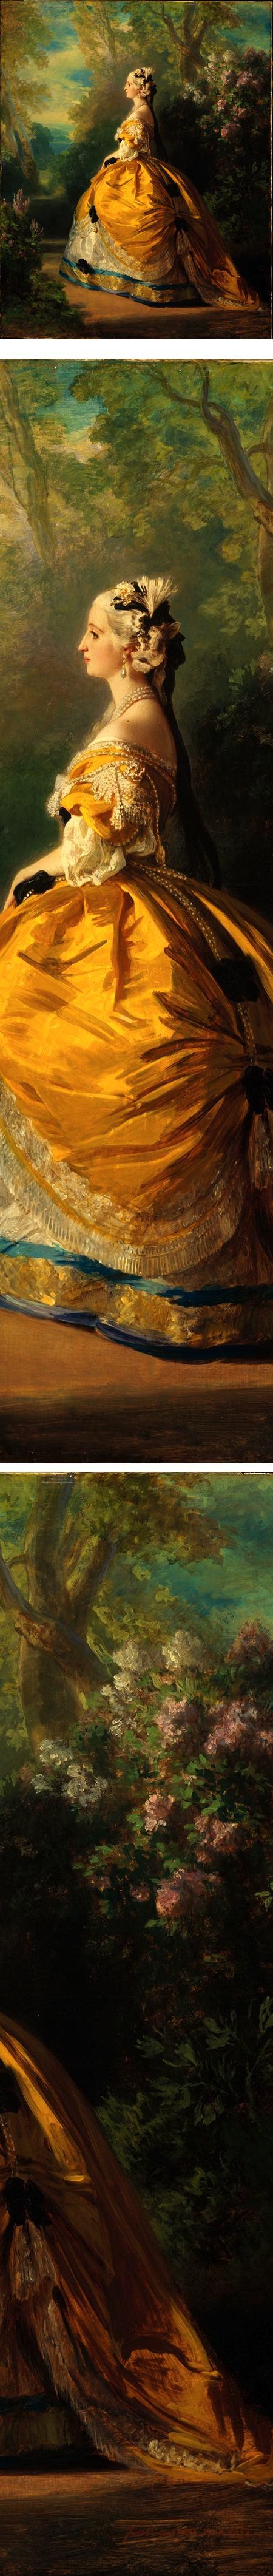 The Empress Eugenie, Franz Xaver Winterhalter